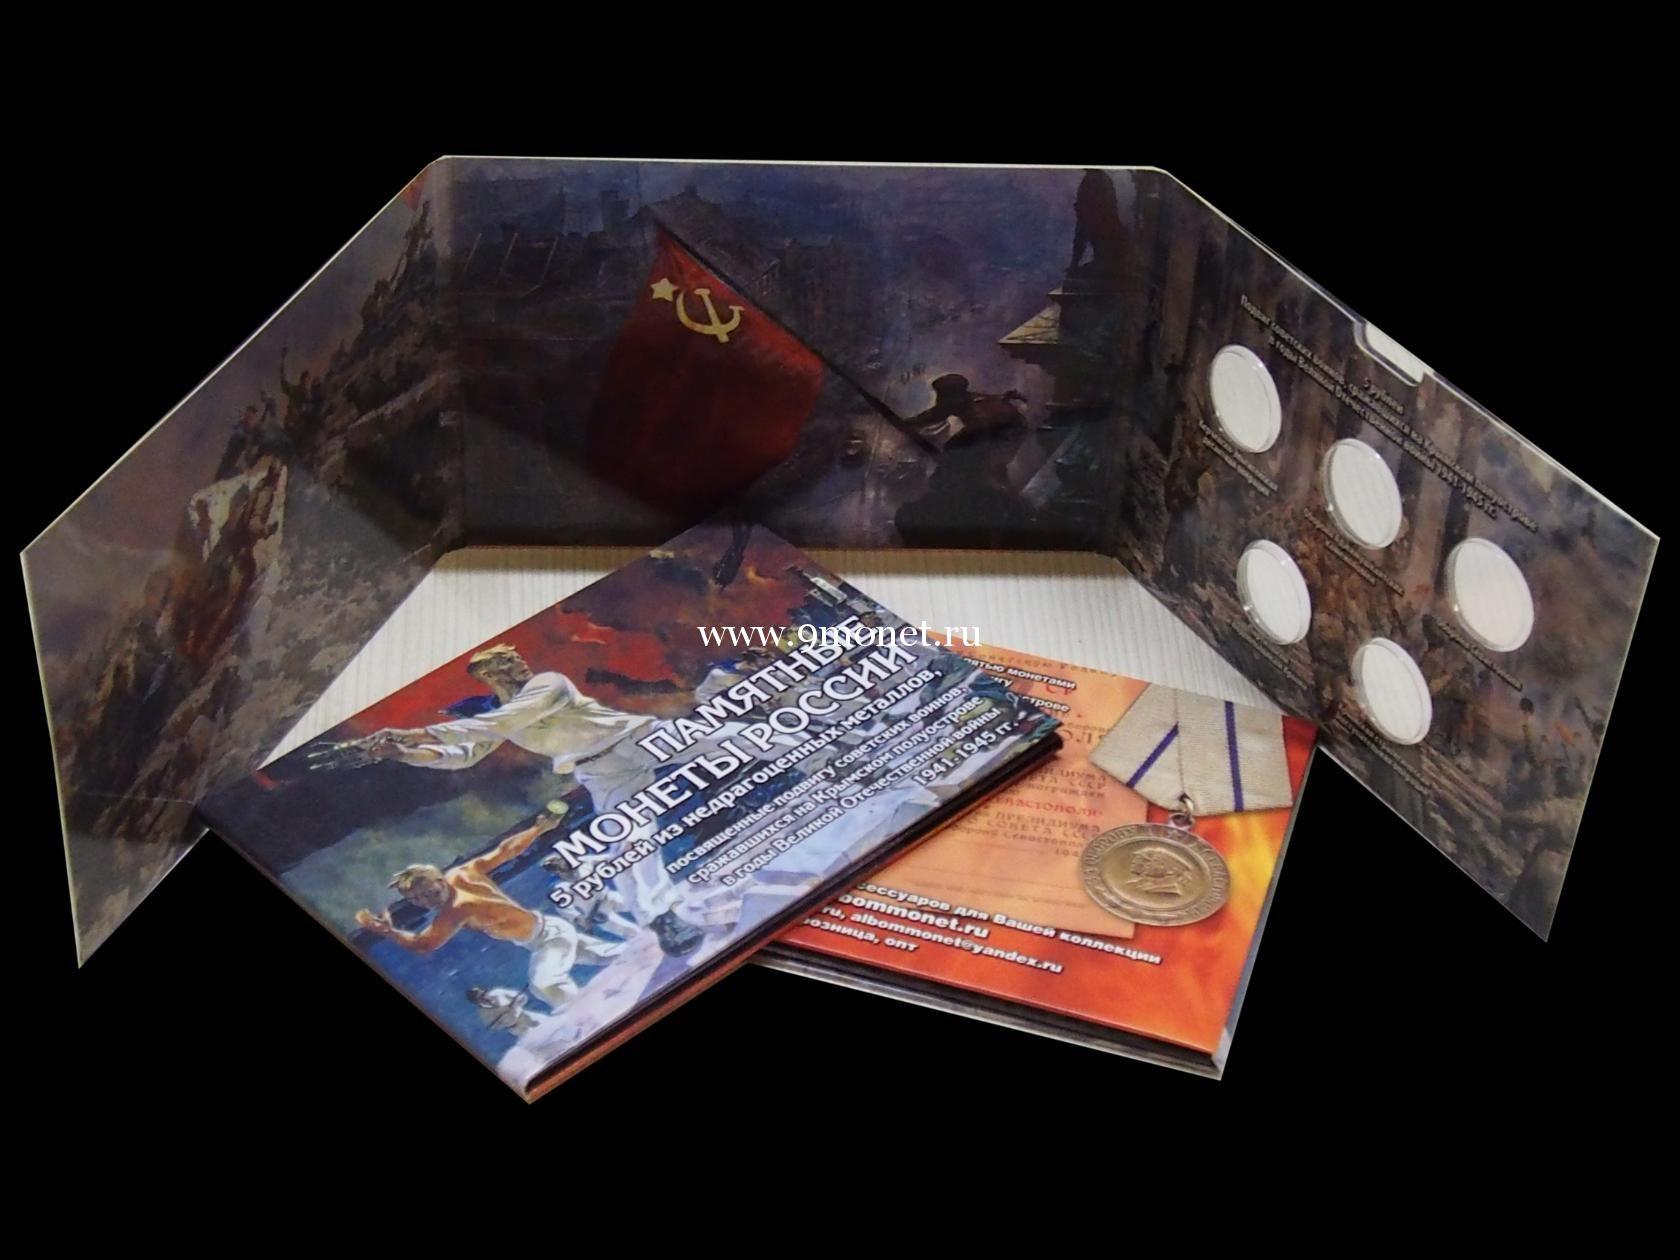 Альбом для пяти памятных 5-рублевых монет, посвященных подвигу советских воинов, сражавшихся на Крымском полуострове в годы ВОв 1941-1945 гг.